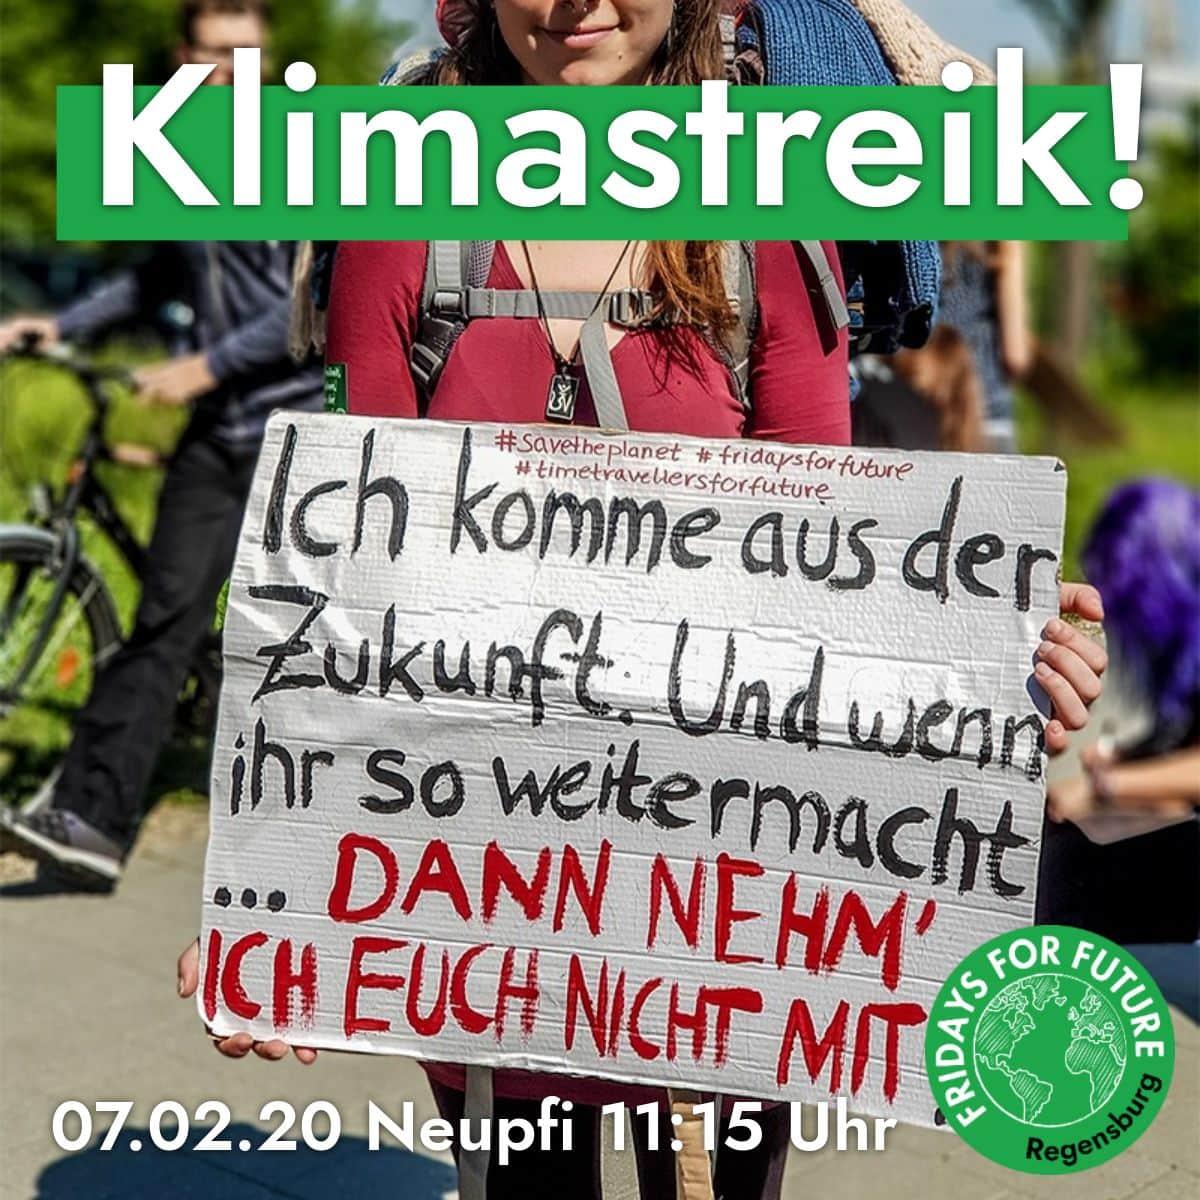 Sie streiken, solange sich nichts ändert Fridays for Future in Regensburg: Jubiläumsdemonstration am 7. Februar